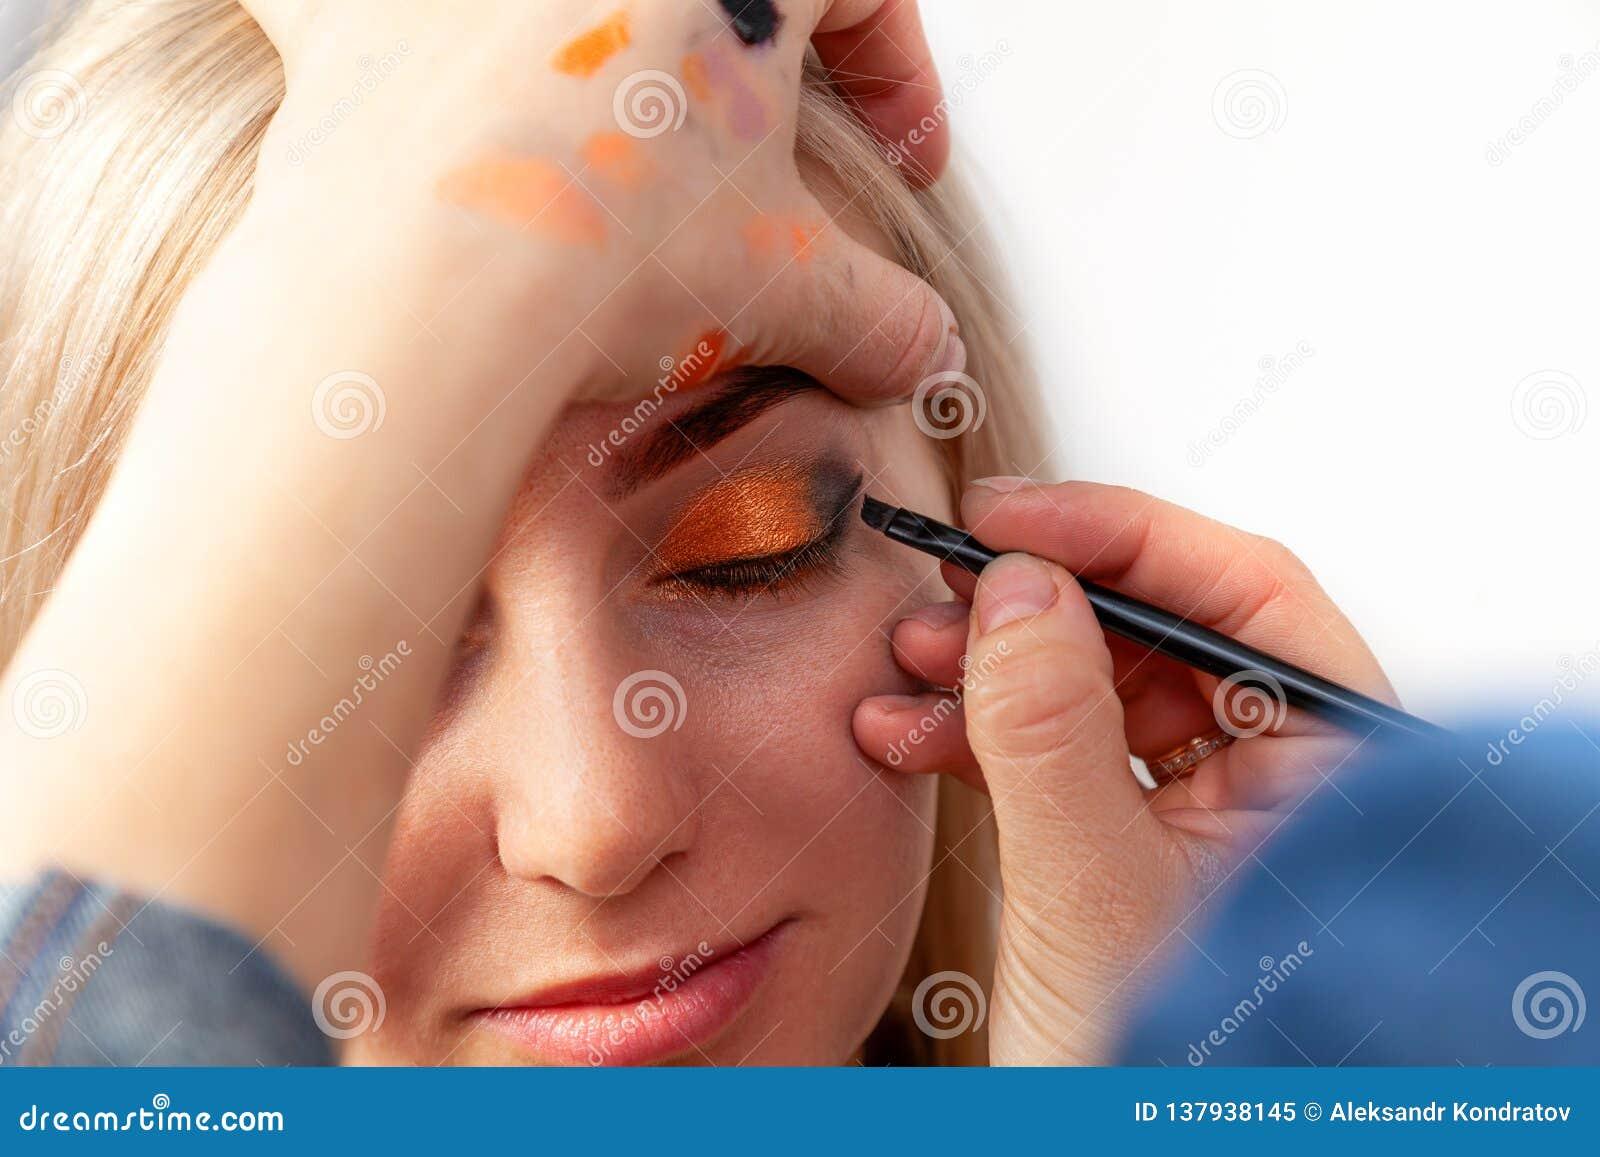 Ο καλλιτέχνης Makeup με μια βούρτσα στα χέρια με μια επίπεδη άκρη χρωματίζει το βέλος στο βλέφαρο του προτύπου, εφαρμόζει τη σύνθ